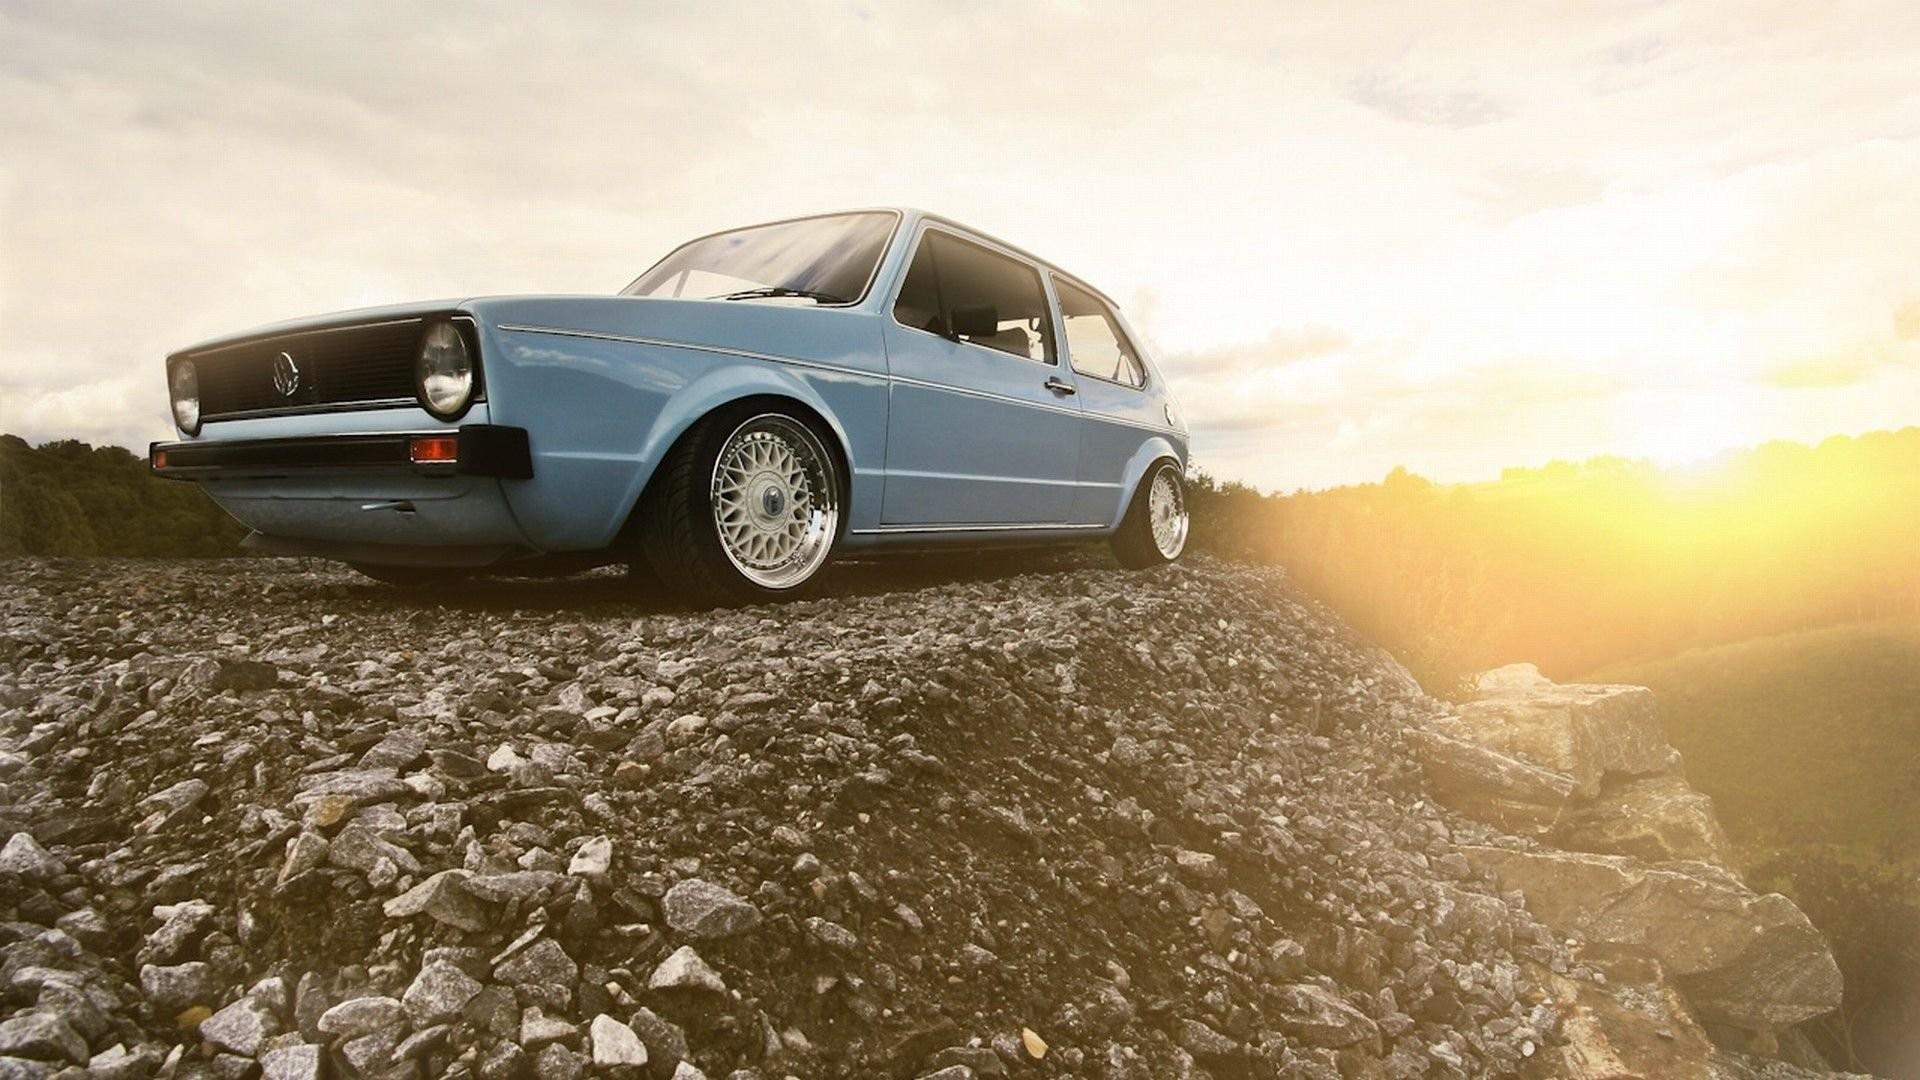 Volkswagen-golf-mk-1-car-hd-wallpaper-1920×1080-8434 wallpaper |  | 611008 | WallpaperUP